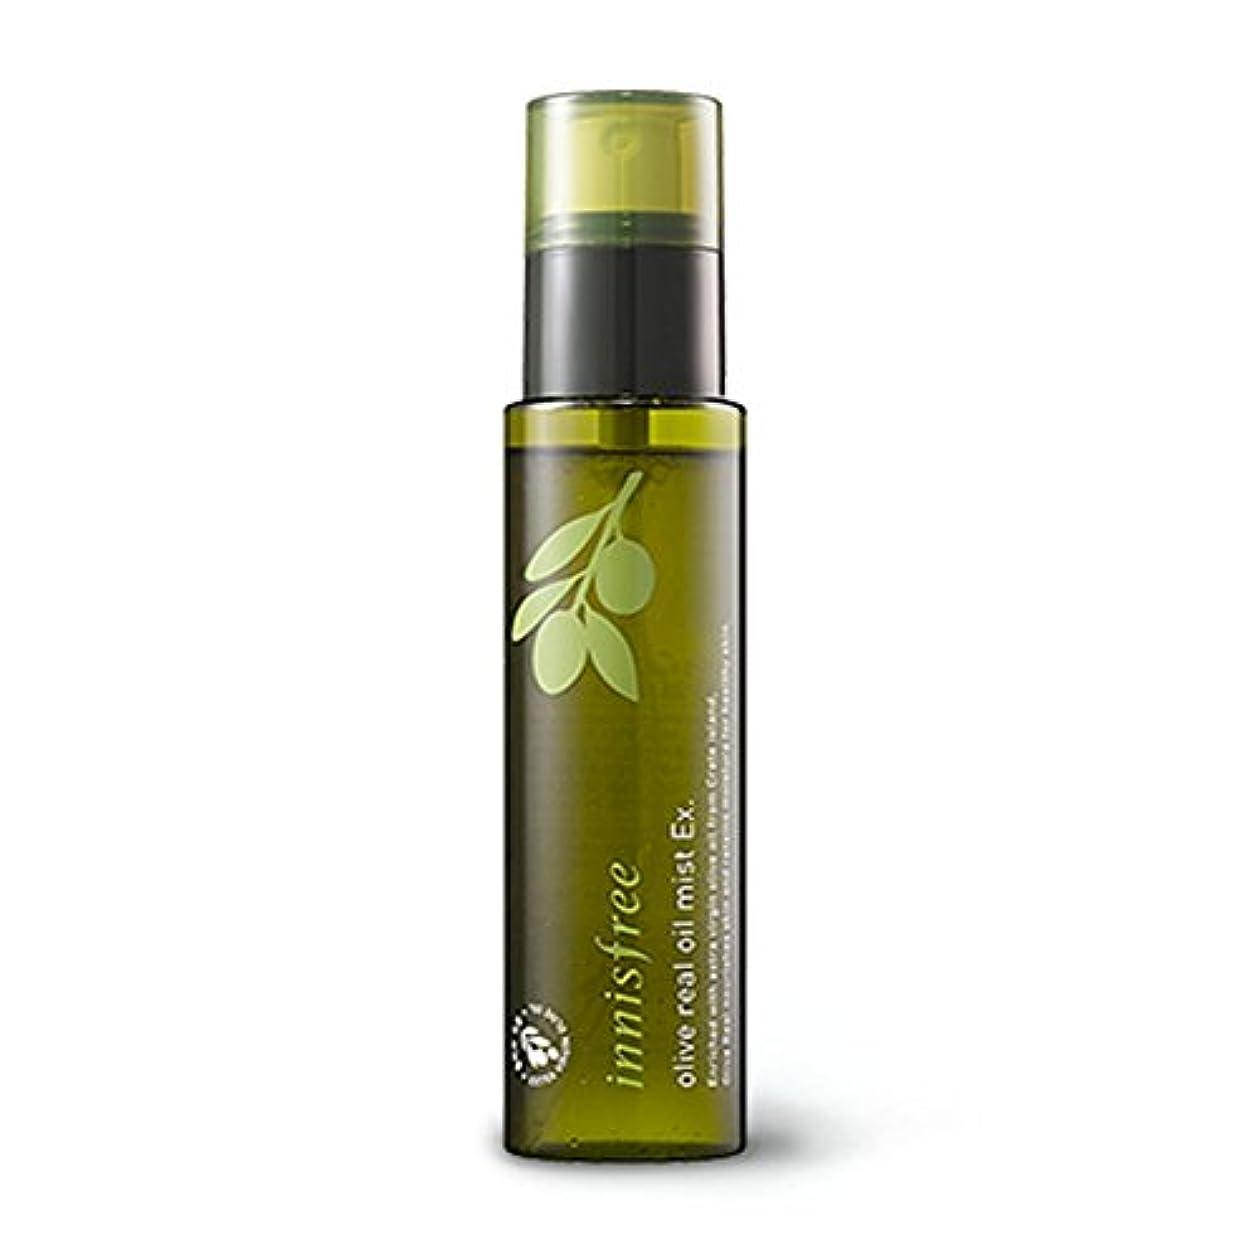 イニスフリー オリーブリアルオイルミストEx。80ml Innisfree Olive Real Oil Mist Ex. 80ml [海外直送品][並行輸入品]